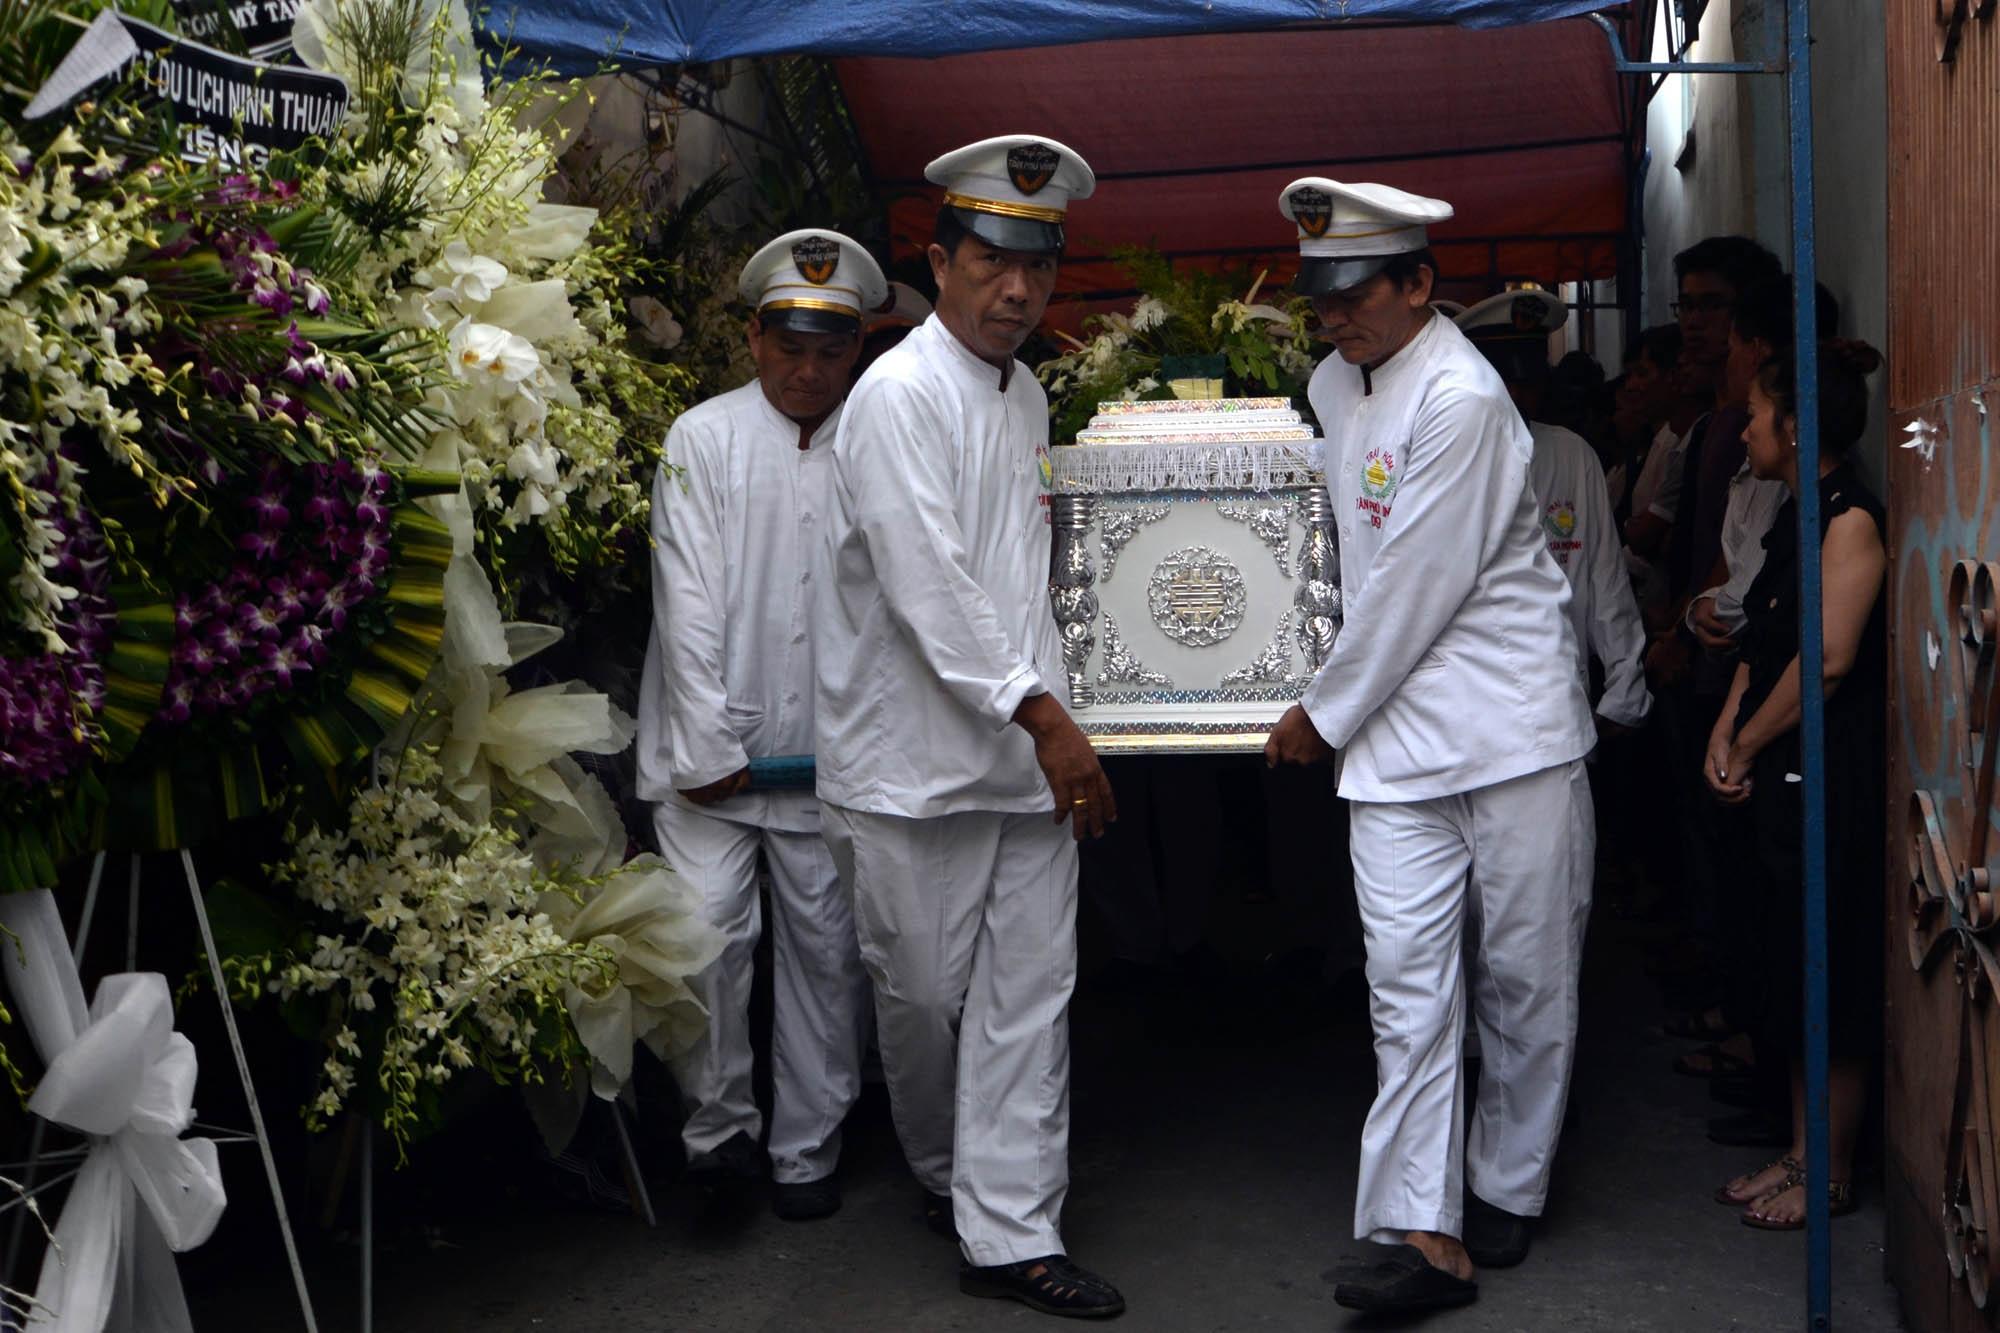 Di quan của nhạc sĩ Nguyễn Ánh 9 được mang đi hỏa táng tại Bình Hưng Hòa